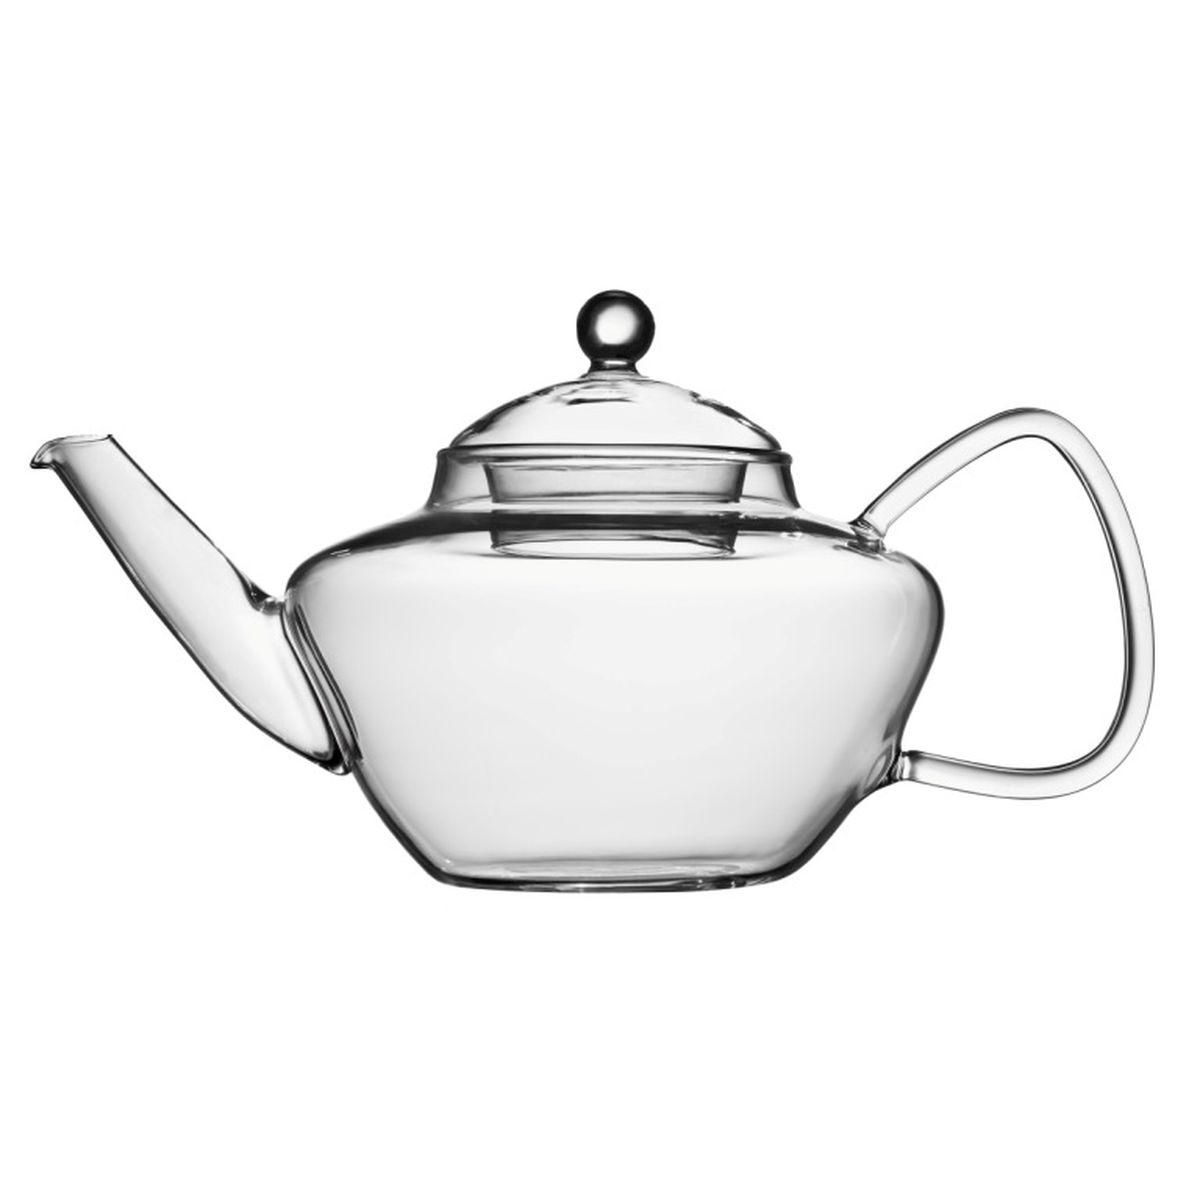 Чайник заварочный Walmer Milord, 0,6 лW03021060Заварочный чайник Walmer Milord изготовлен из стекла и стали. Гладкая поверхность обеспечивает легкую очистку. Чайник поможет заварить крепкий ароматный чай и великолепно украсит стол к чаепитию. Размеры чайника: 24,5 х 14 х 13 см.